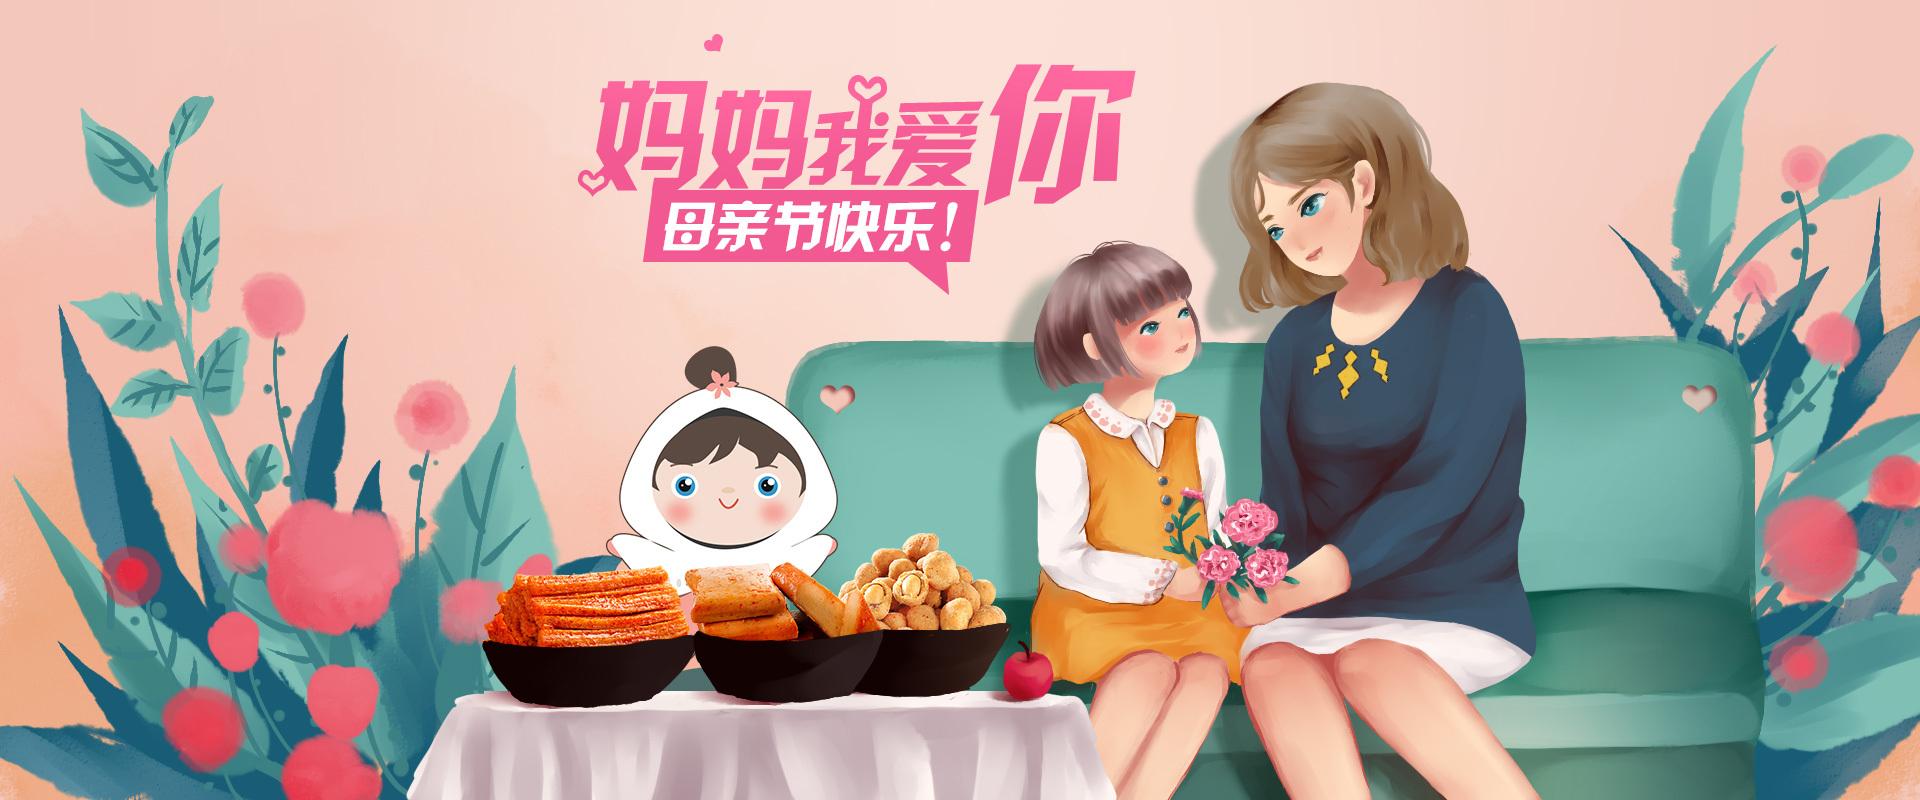 母亲节手绘食品海报